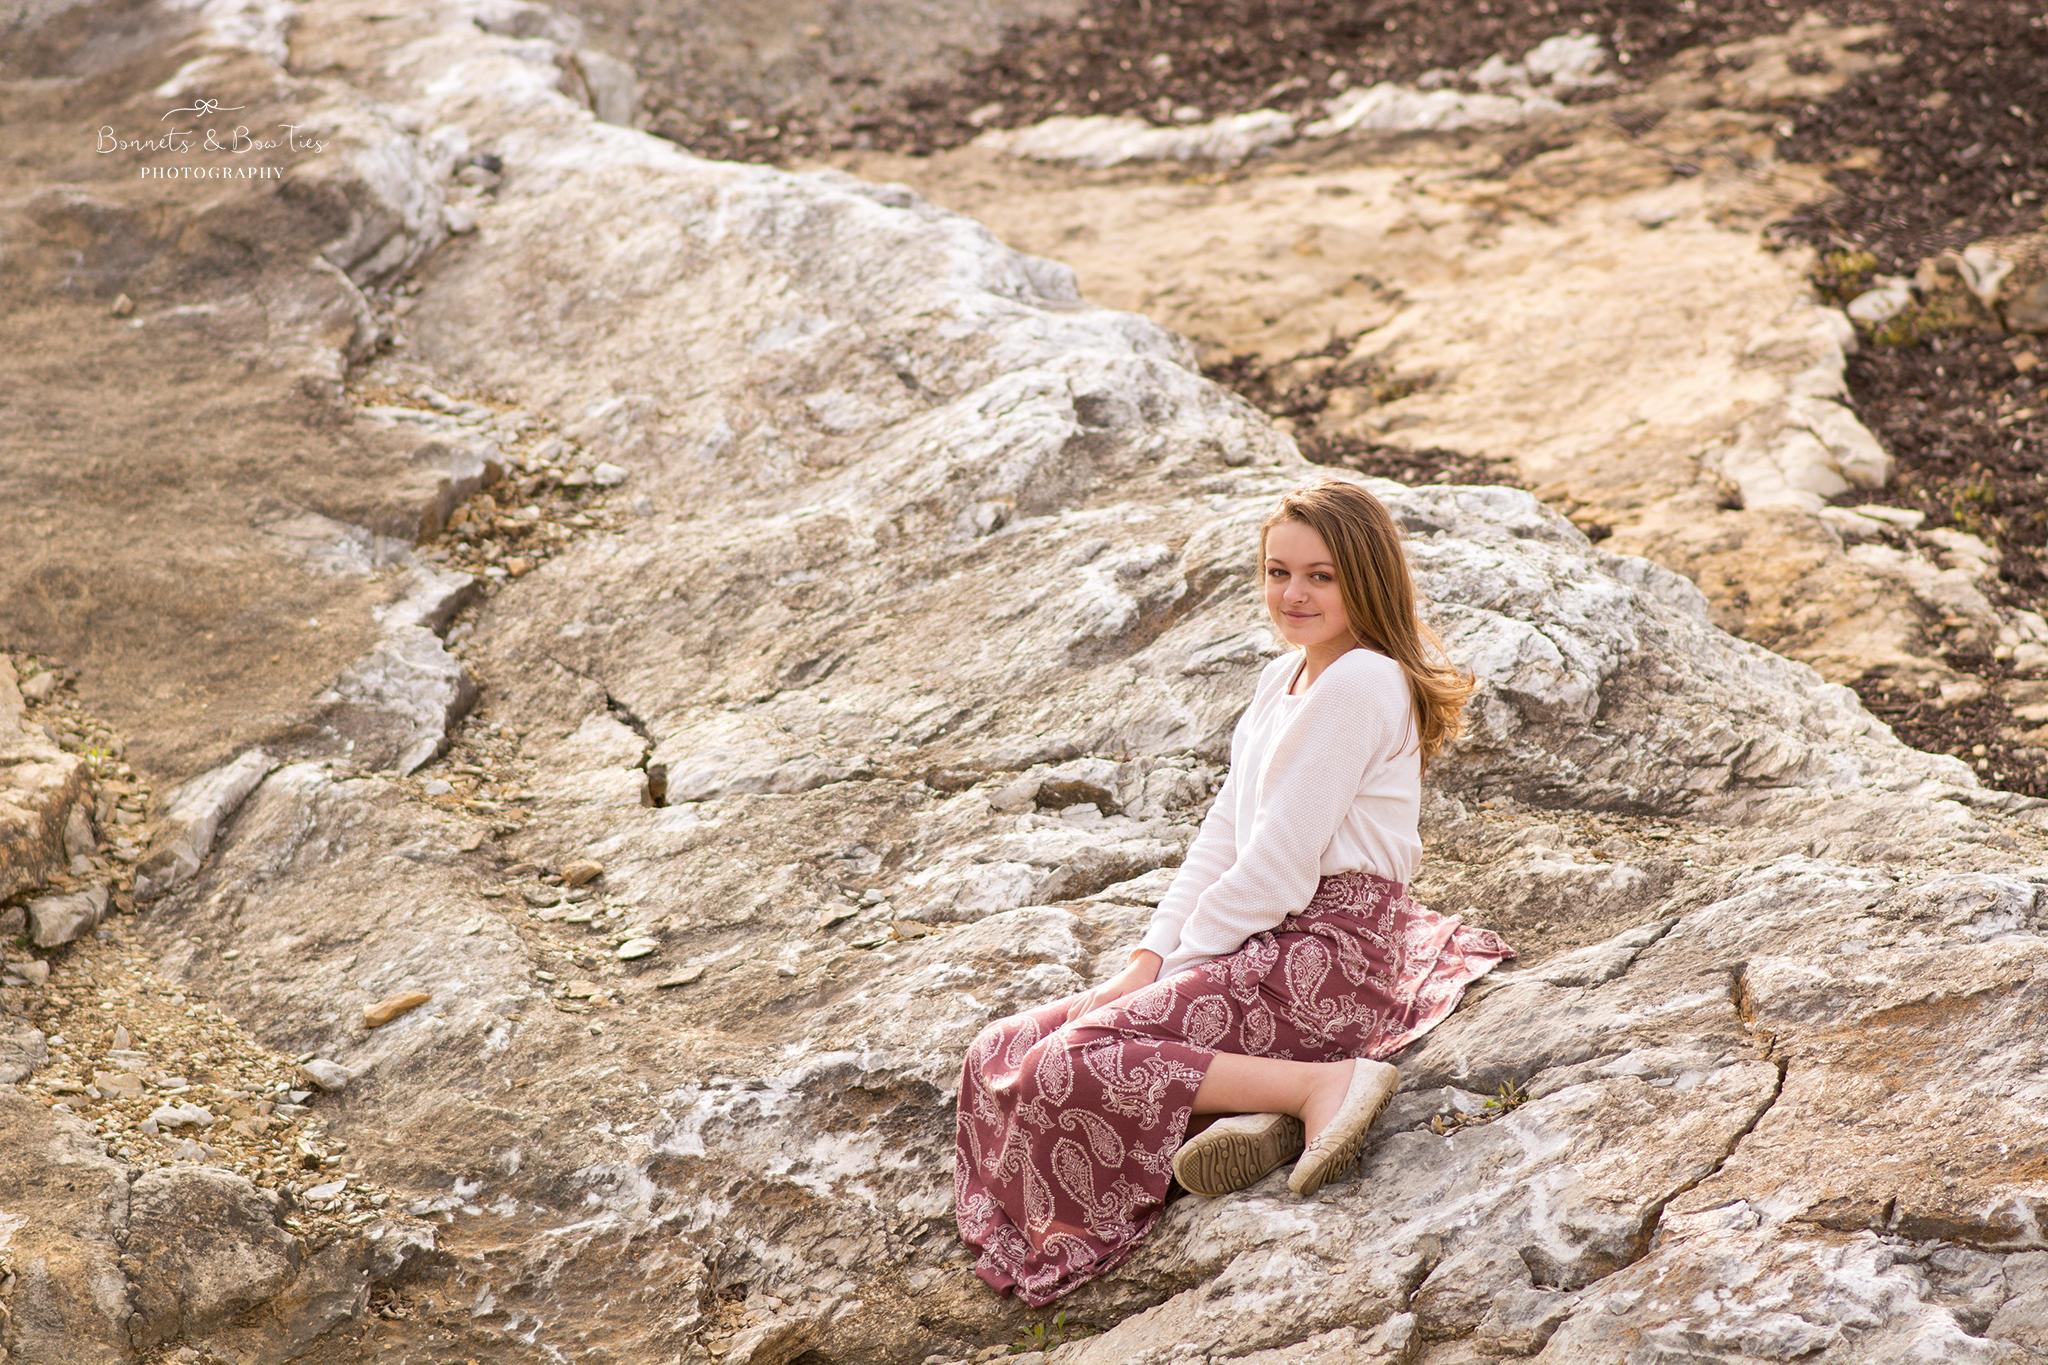 girl wearing white sitting on rocks.jpg